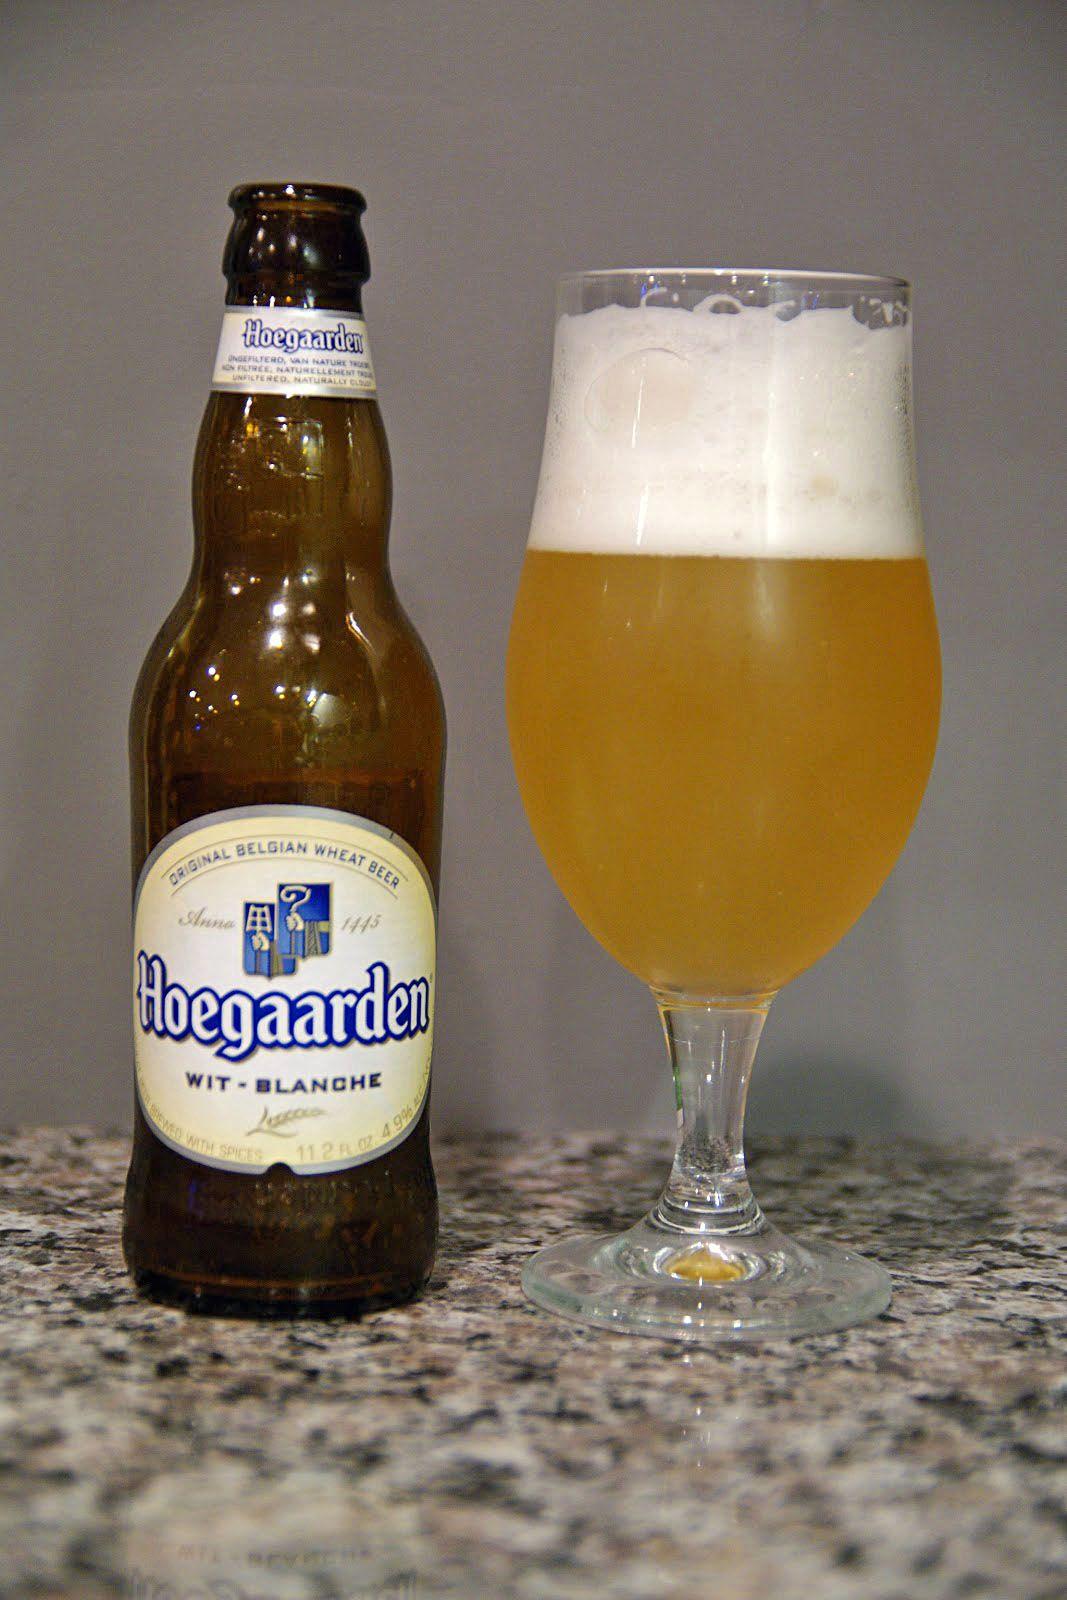 Brouwerij Van Hoegaarden Witbier These Usually Unfiltered Pale